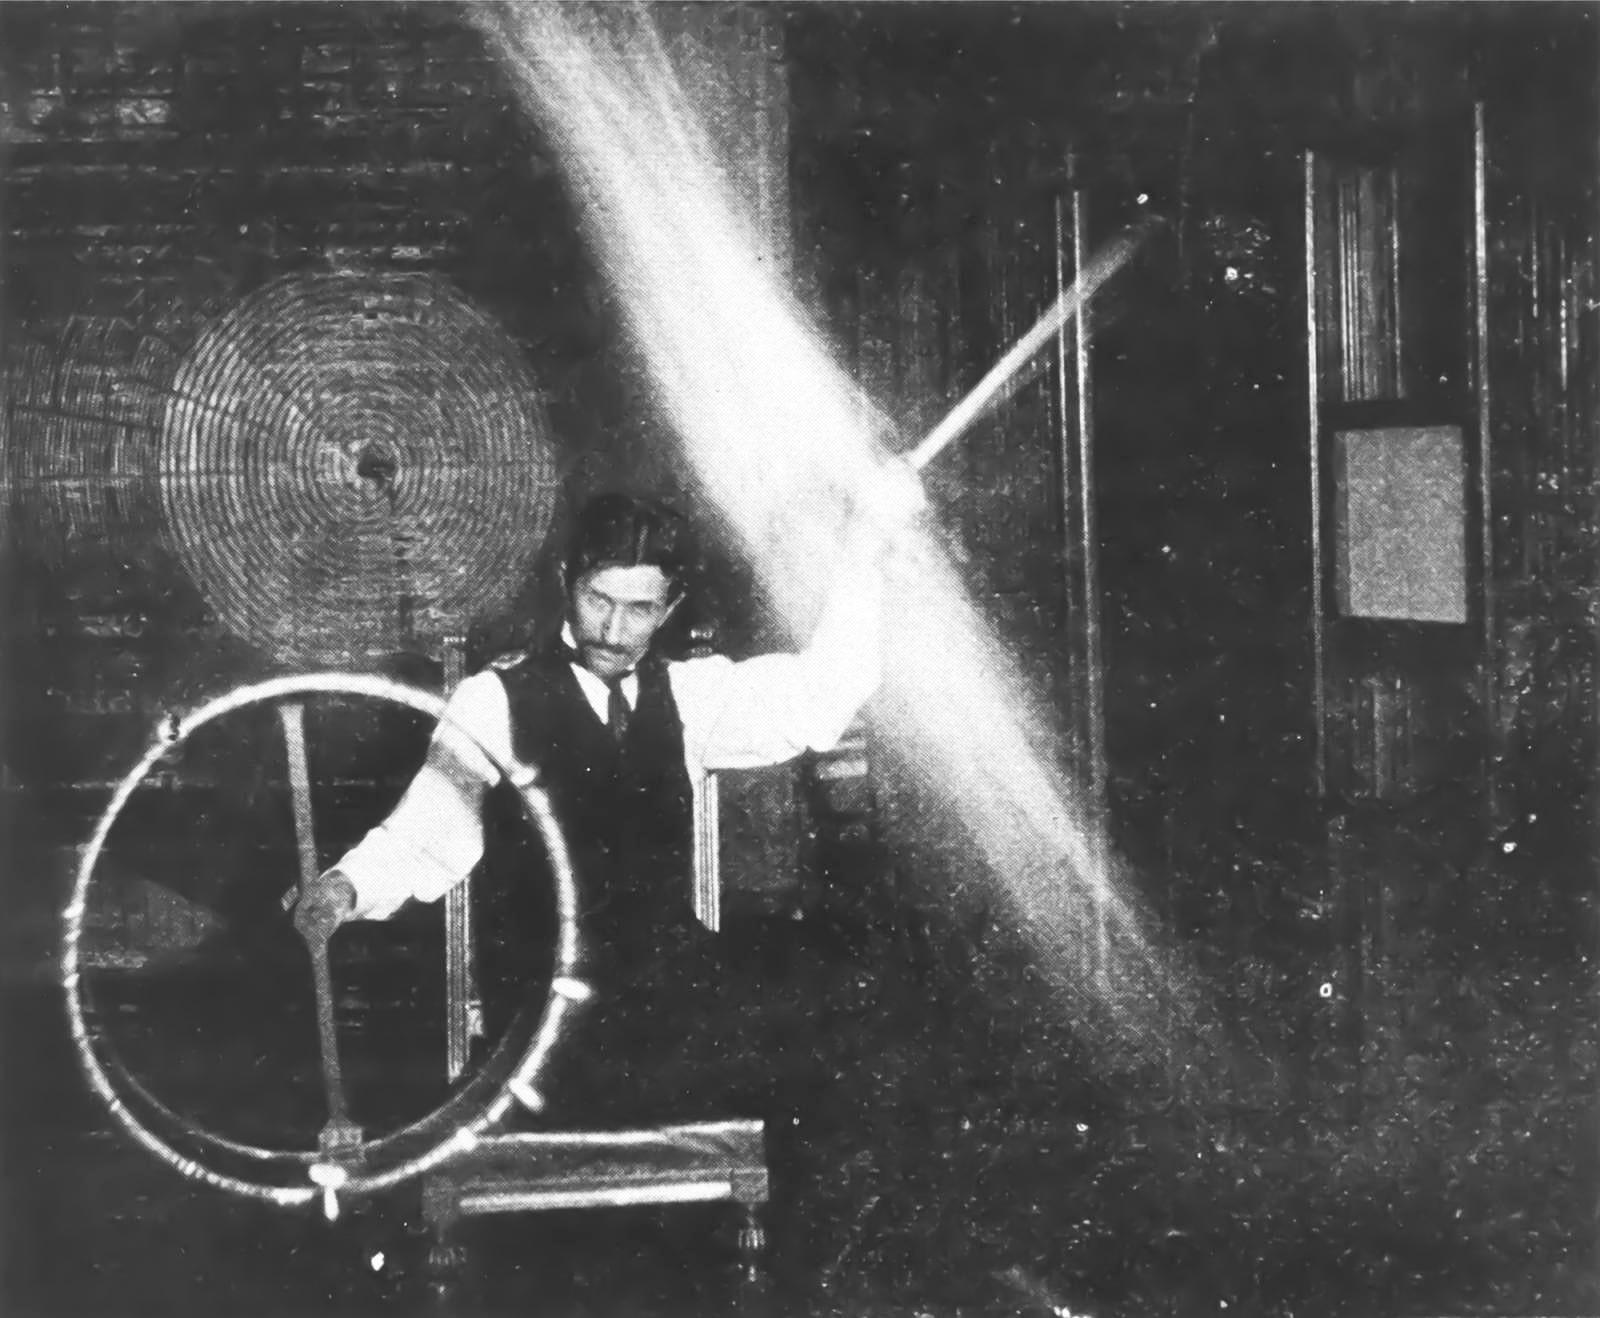 Tesla-e`ksperimentiruet-s-tokami-vyisokogo-napryazheniya-i-vyisokoy-chastotyi.-Tok-prohodit-cherez-ego-telo-zazhigaet-lampu-v-levoy-ruke-i-ne-prinosit-vreda-uchyonomu